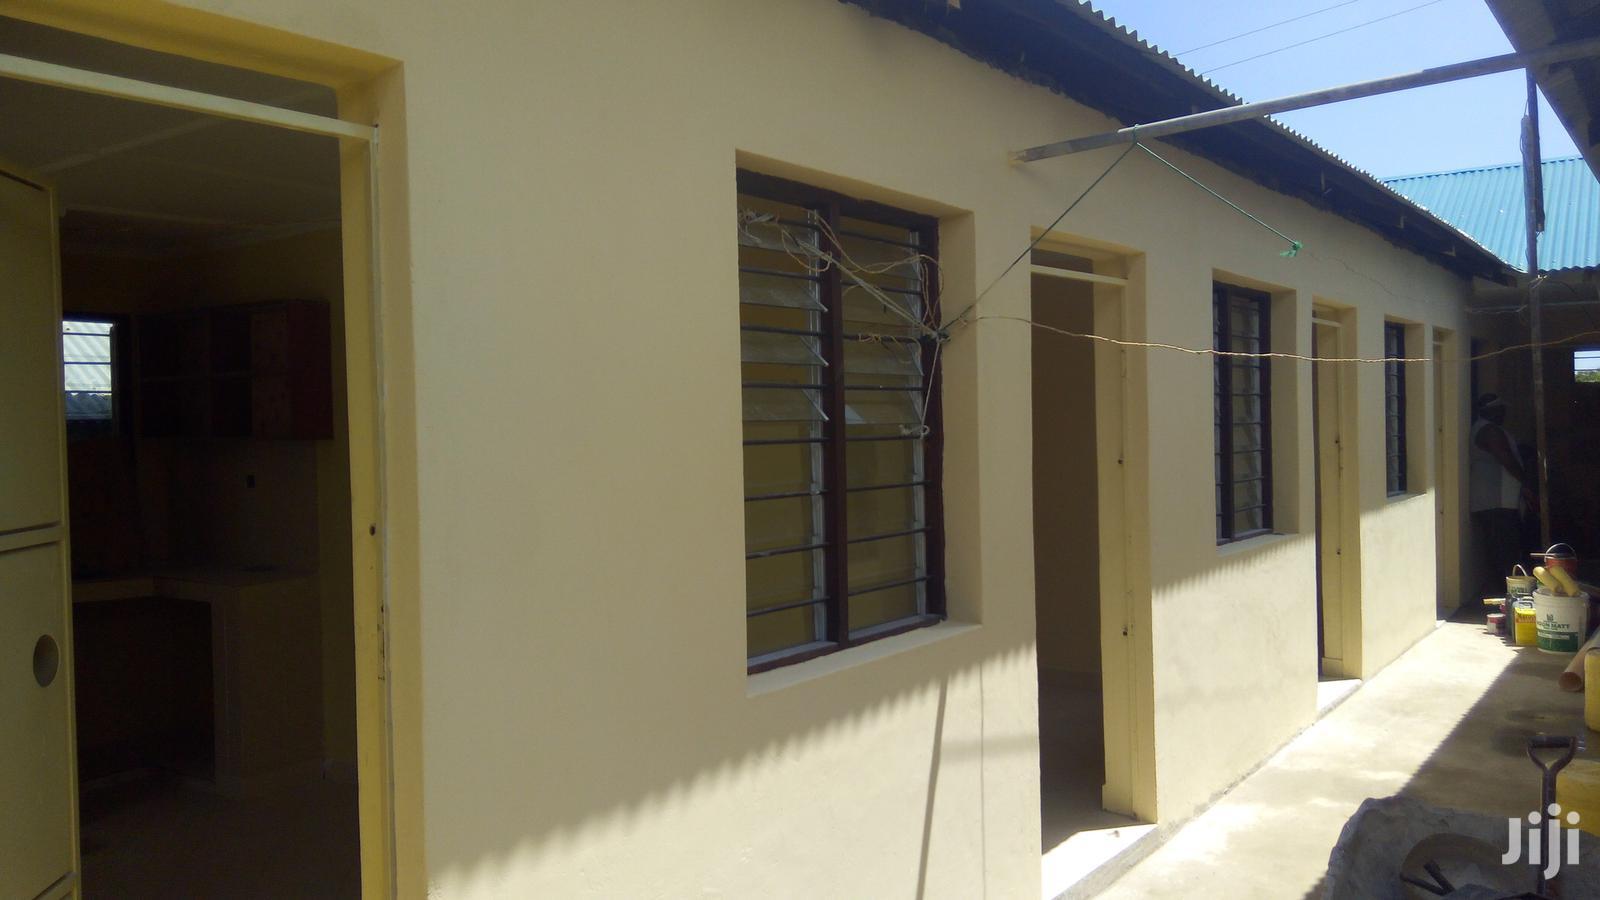 Studio Apartment in Port View, Changamwe for Rent | Houses & Apartments For Rent for sale in Changamwe, Mombasa, Kenya